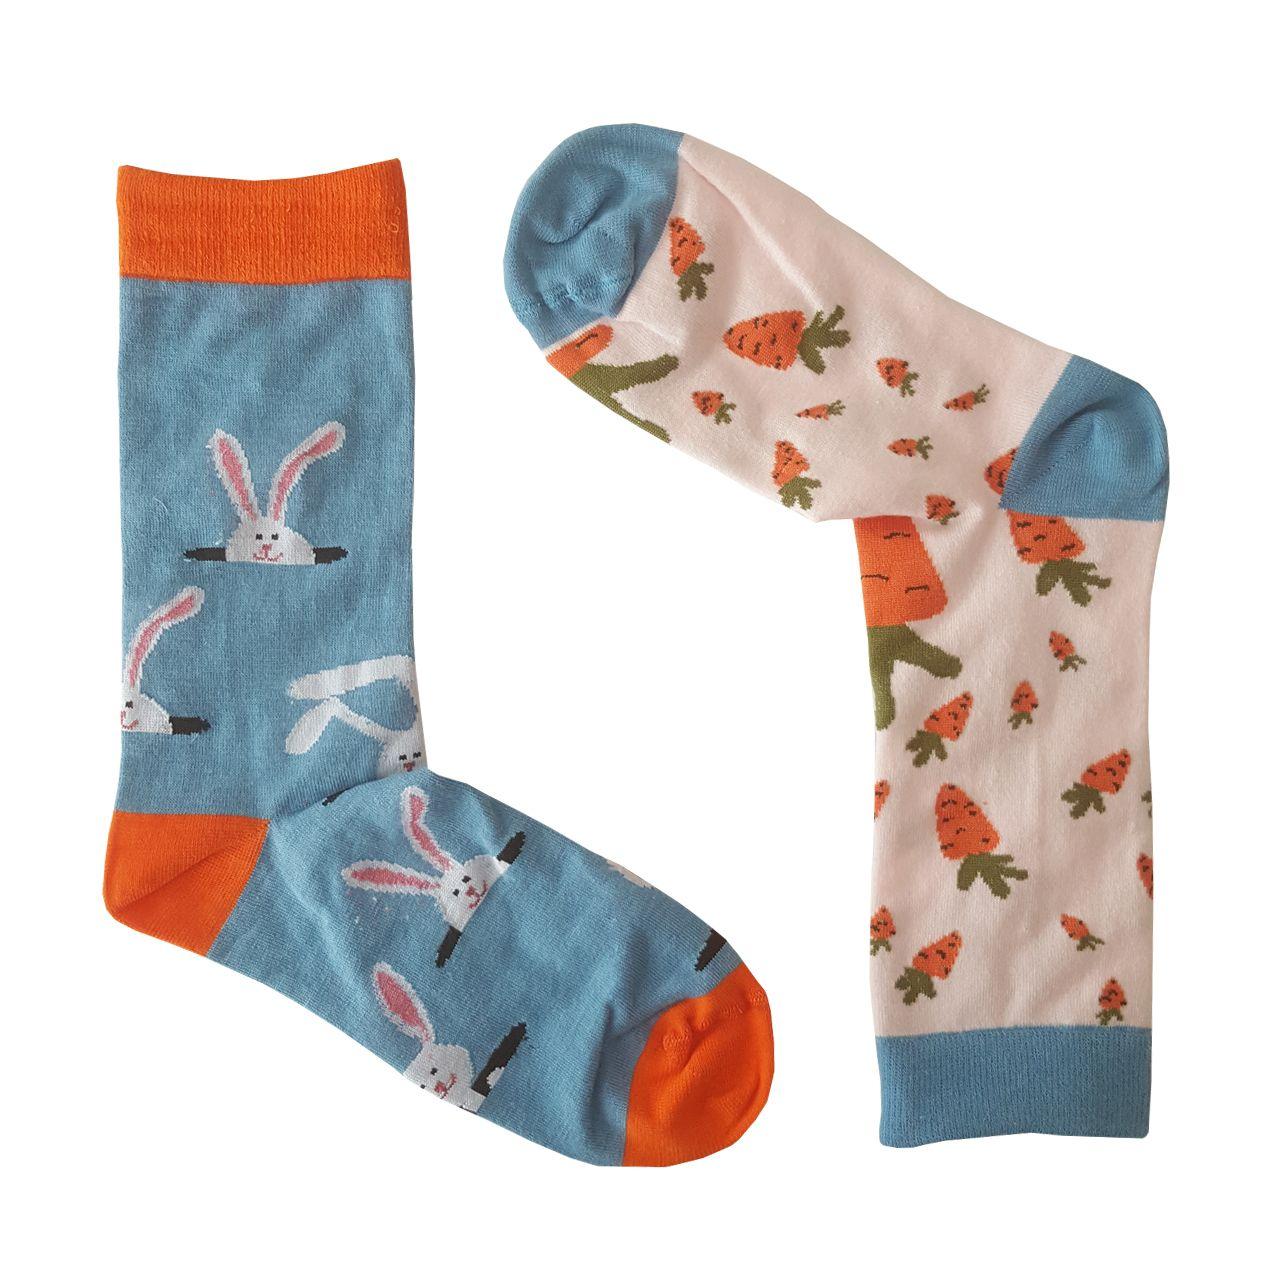 جوراب ال سون طرح هویج و خرگوش مدل مادر و کودککد PH406 -  - 5